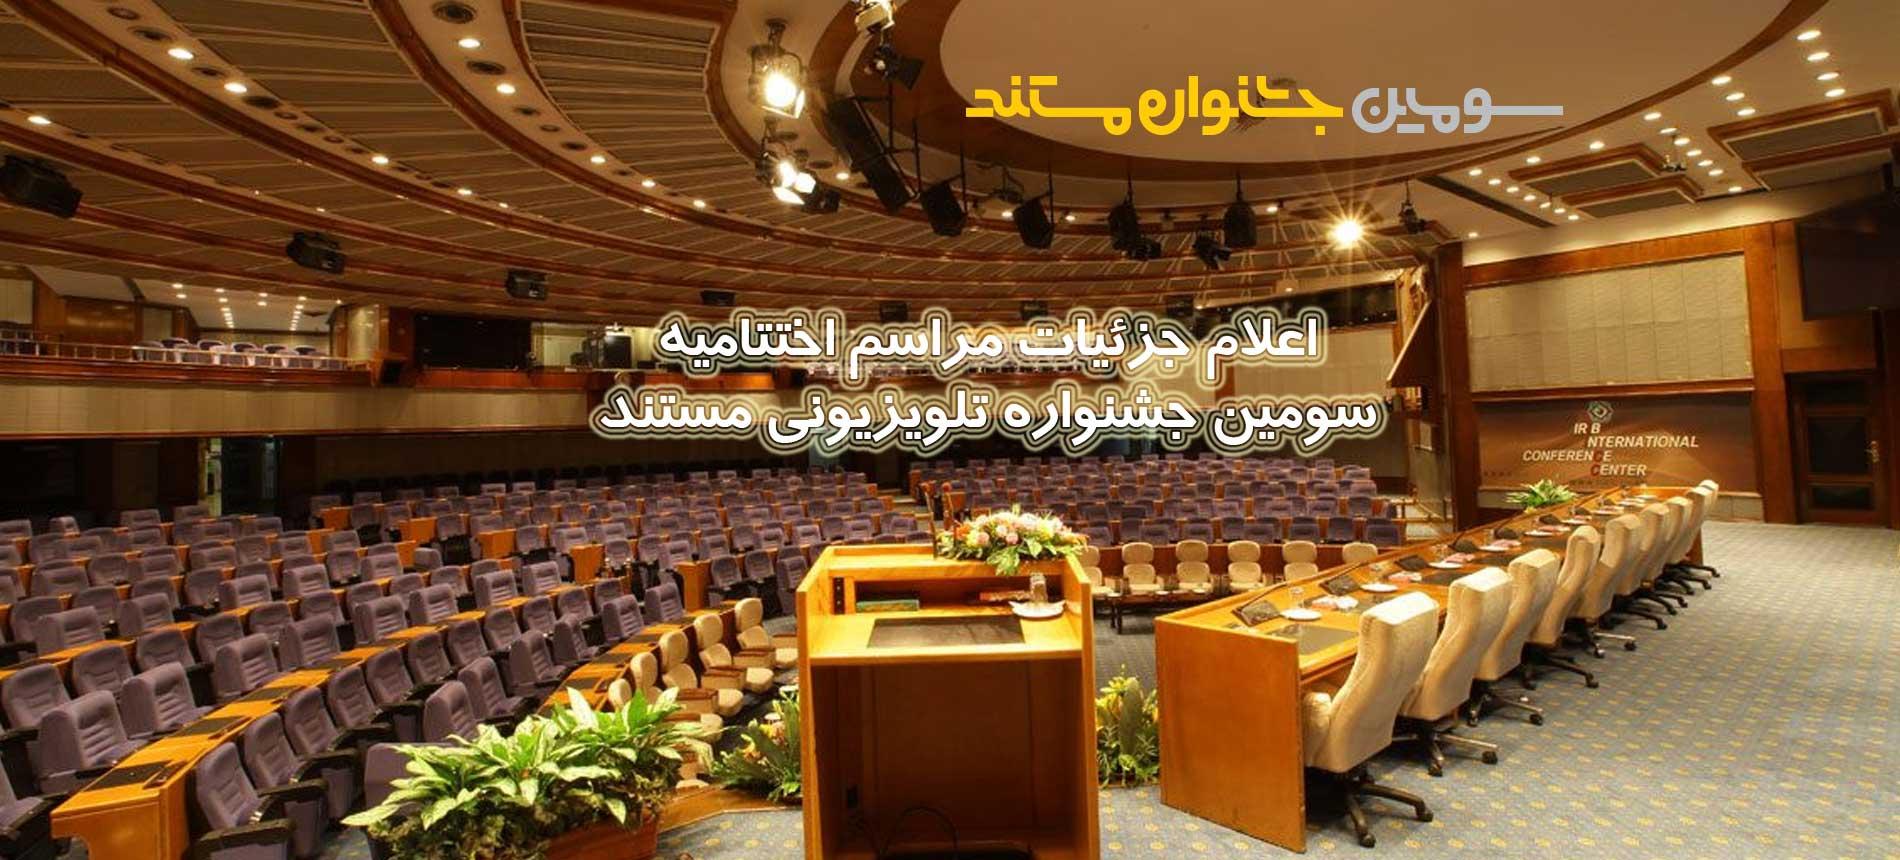 جزئیات مراسم اختتامیه سومین جشنواره تلویزیونی مستند اعلام شد